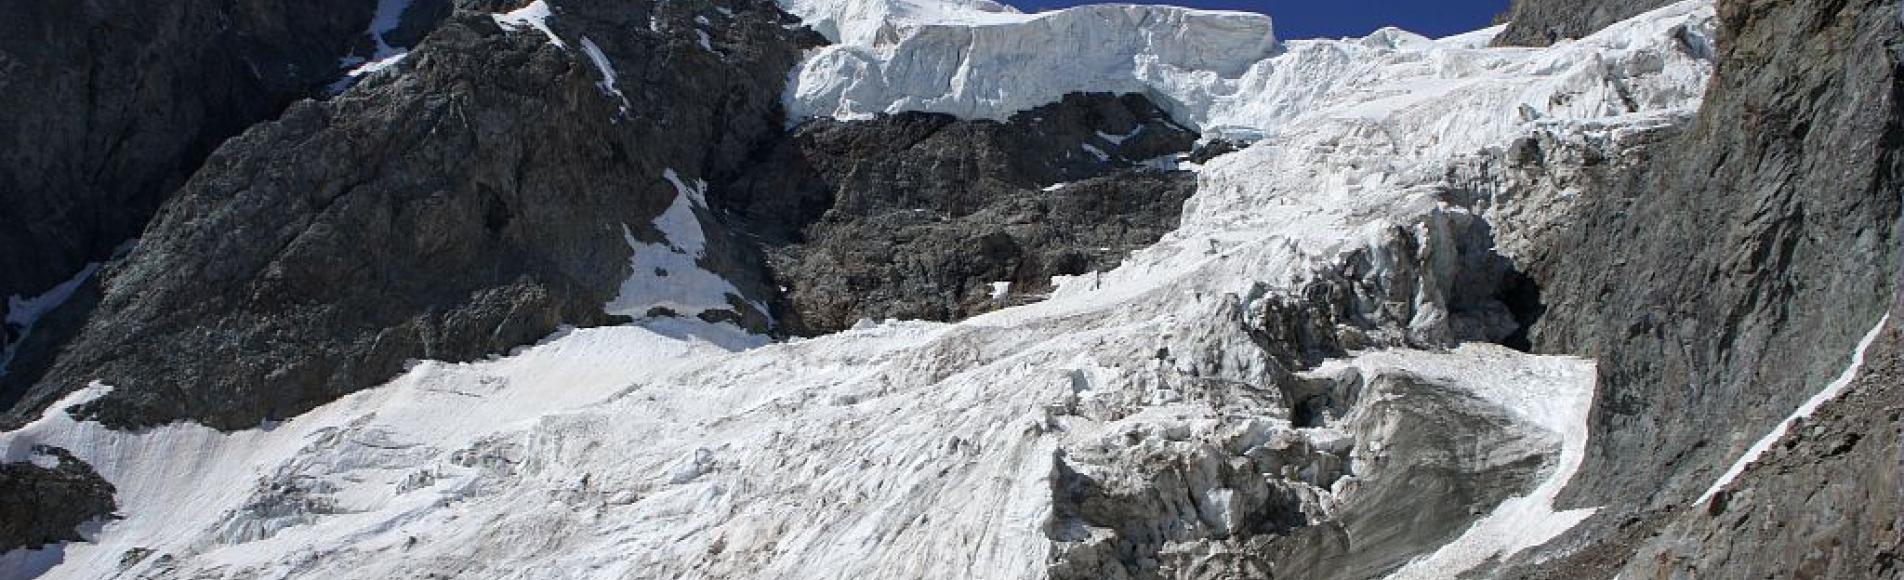 Glacier du Pelvoux ©Ludovic Imberdis - Parc national des Ecrins